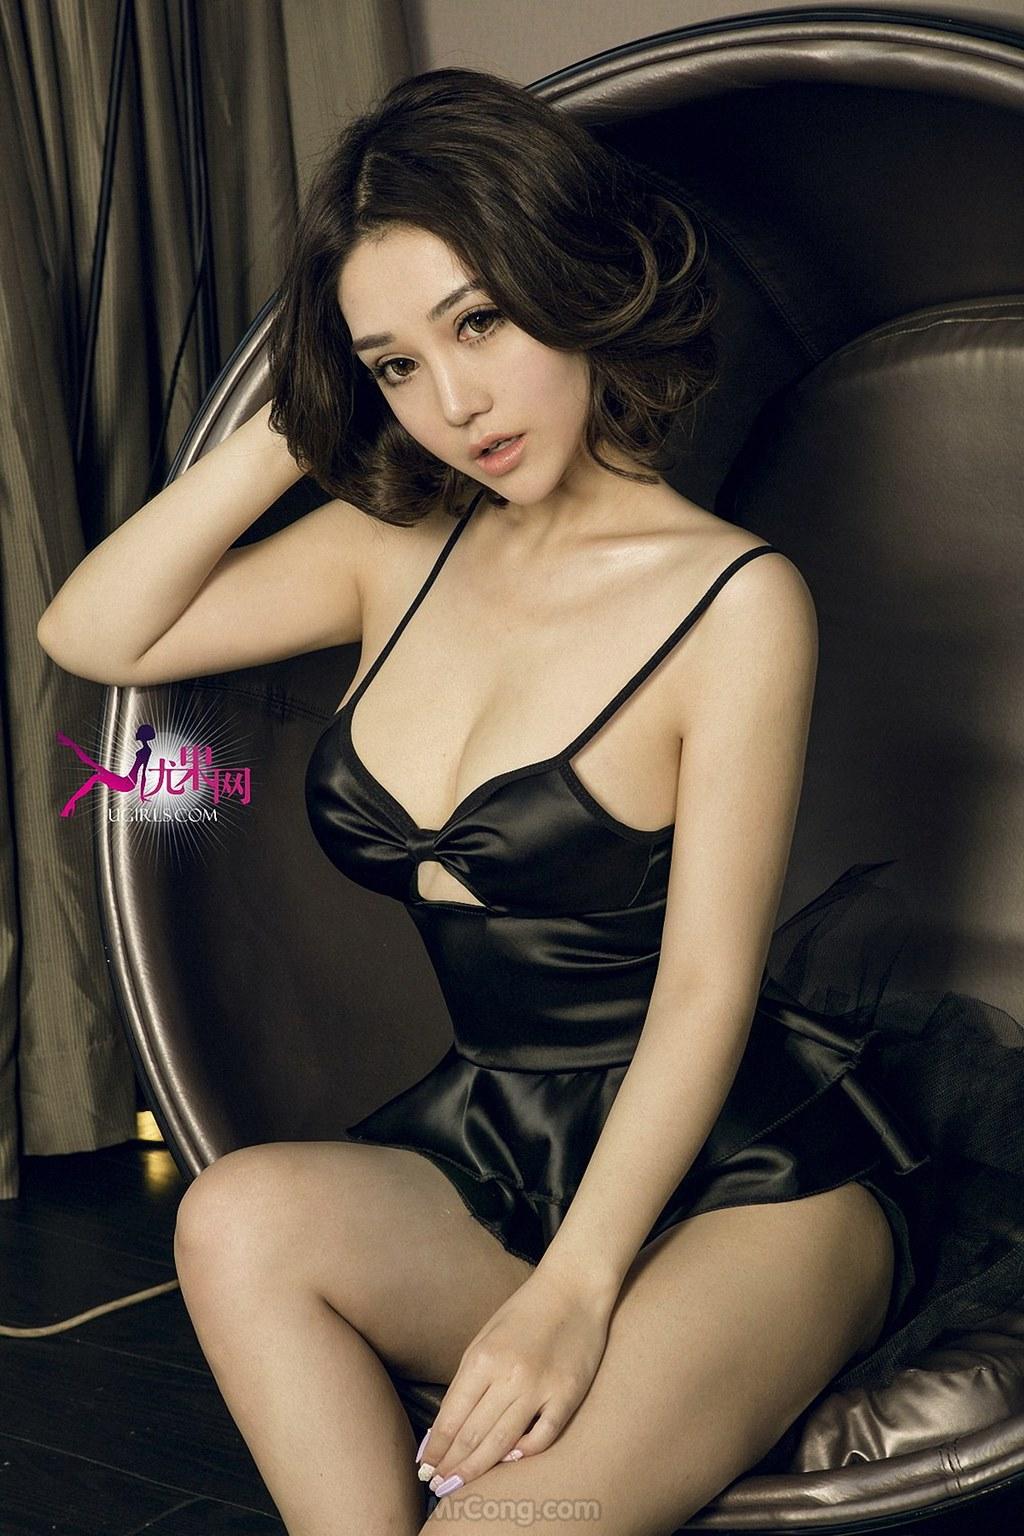 Mê mẩn với thân hình hoàn hảo của Beauty Wang Er Lin (王尔琳) trong bộ ảnh UGIRLS 146